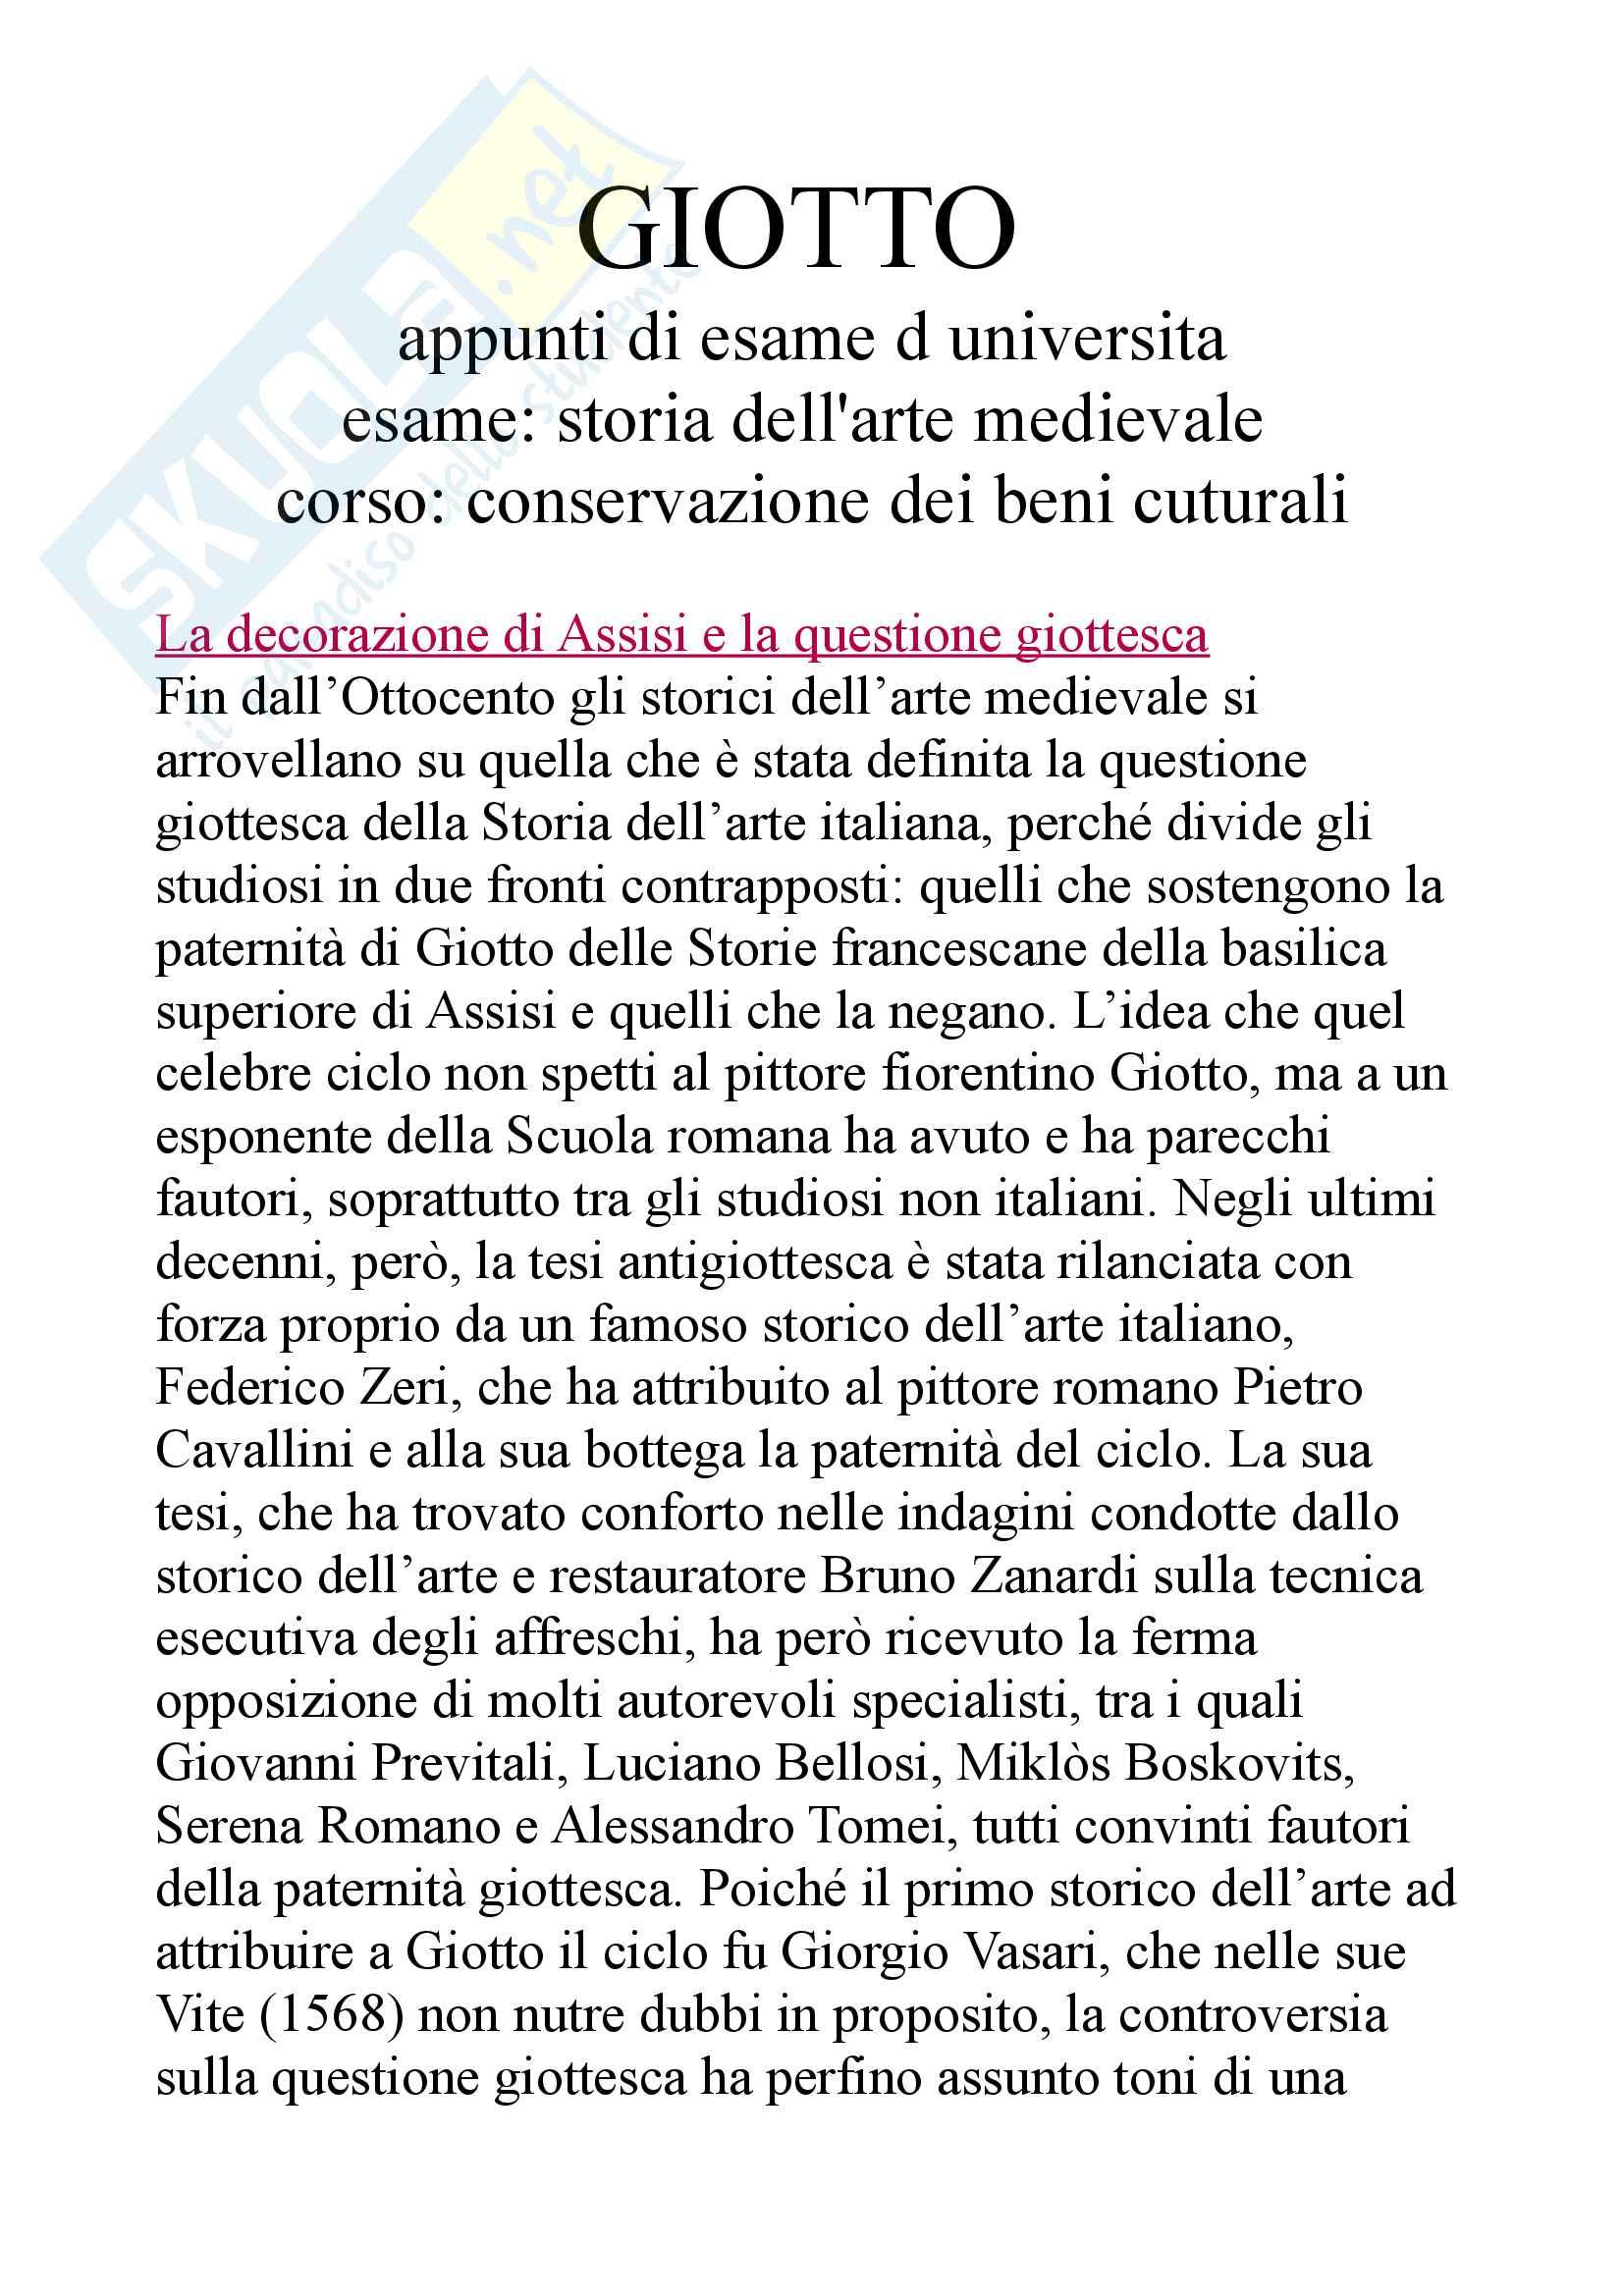 Tutto su Giotto